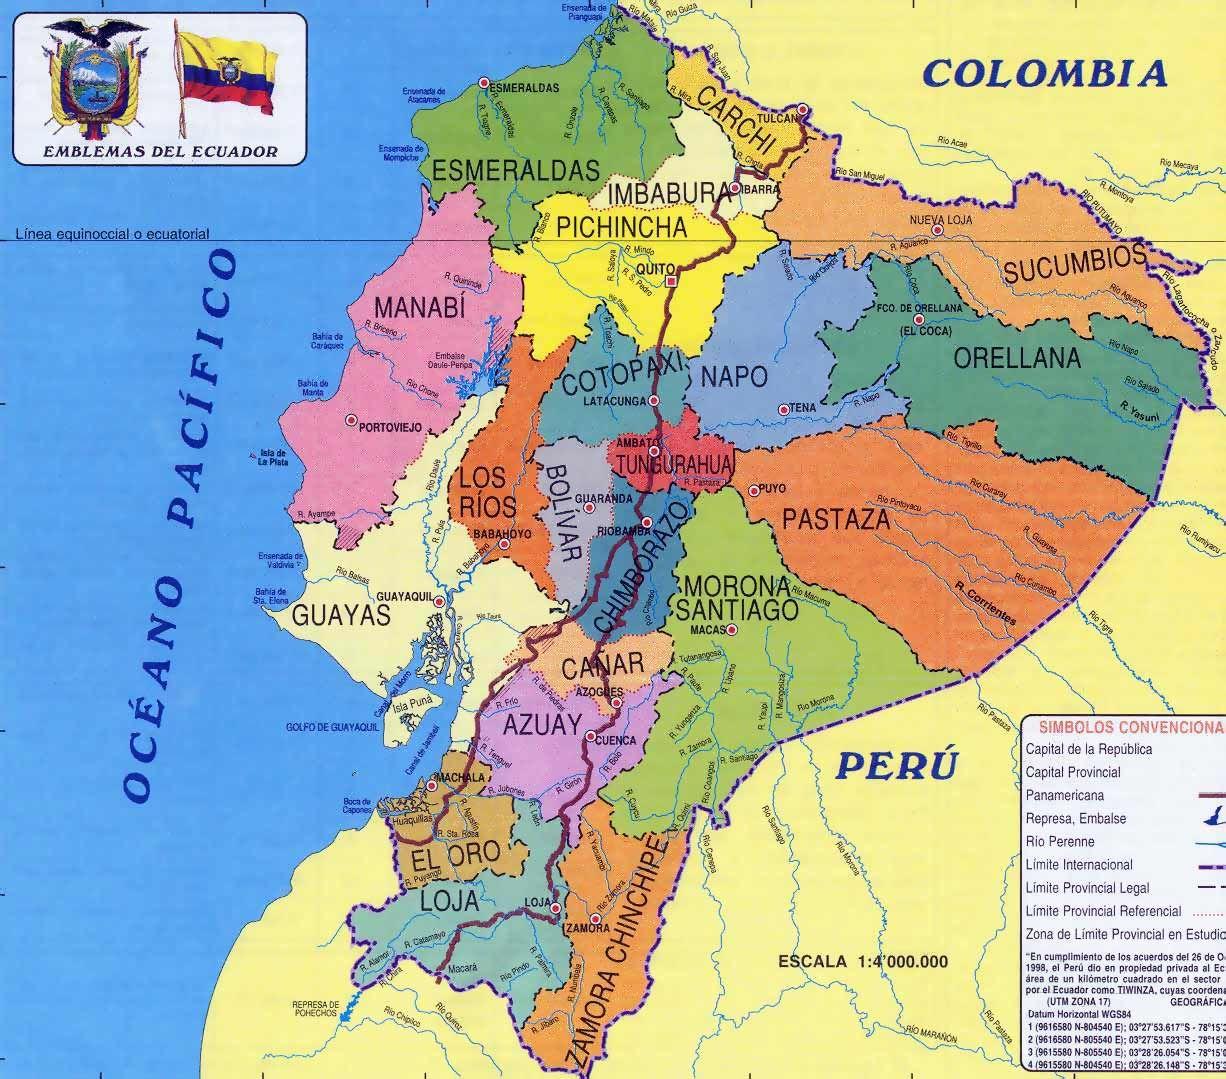 Ecuador The Middle Of The World Ecuador South America And - Ecuador provinces map